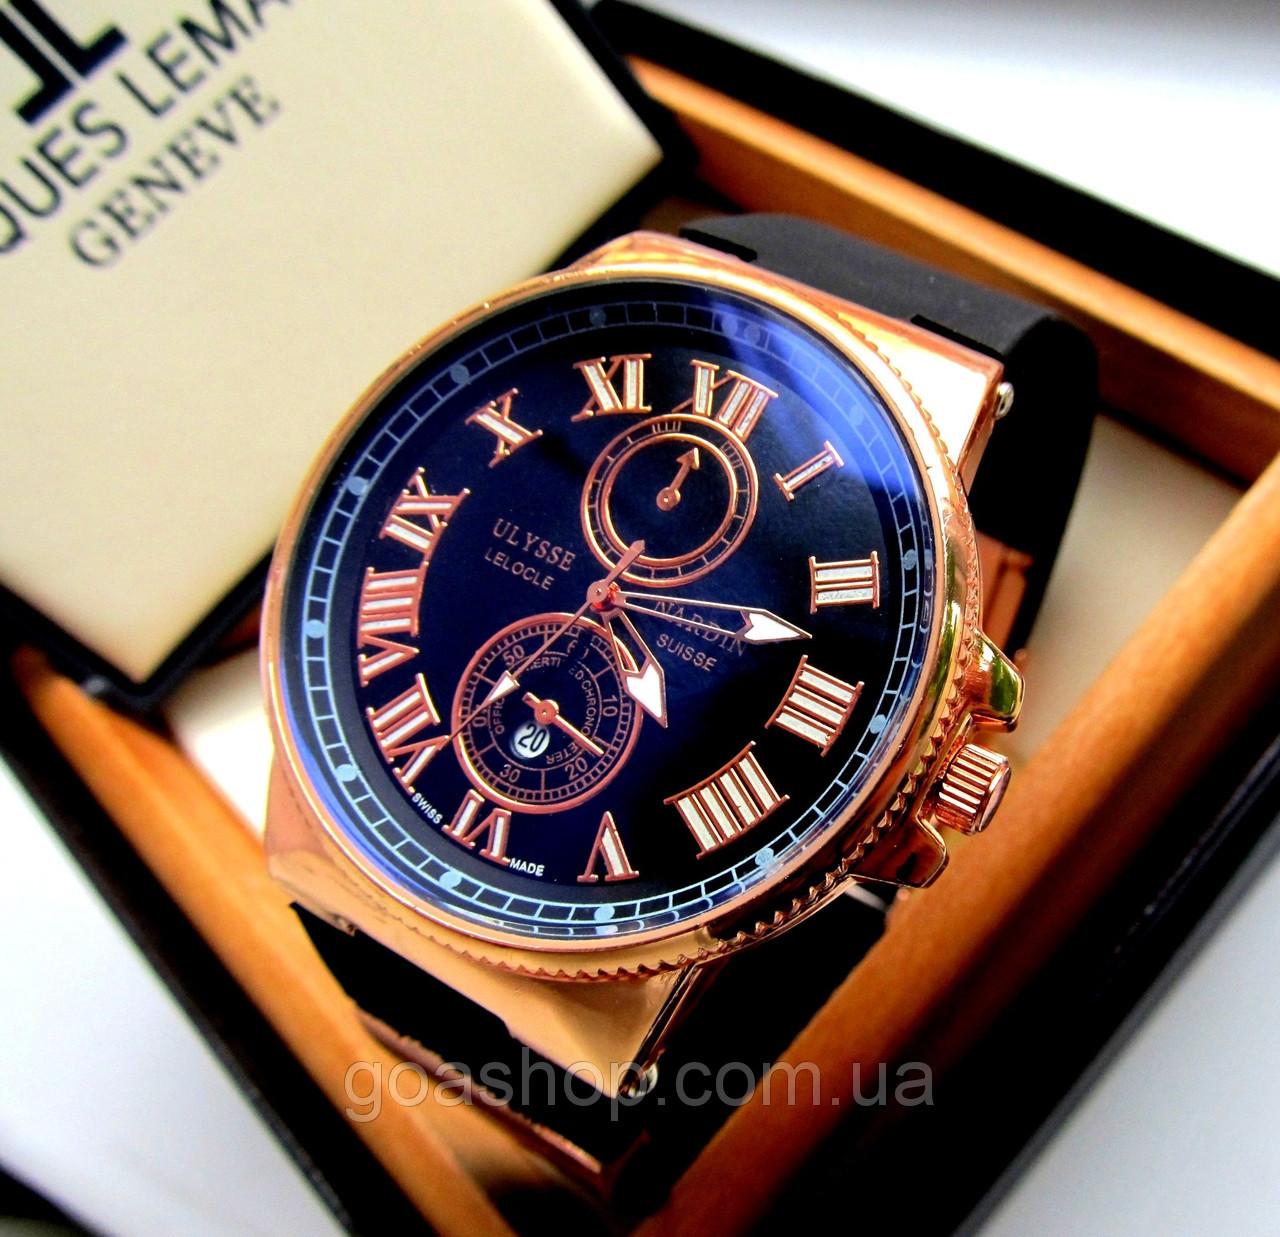 Наручные часы на подарок эхолот часы lucky ff518 купить